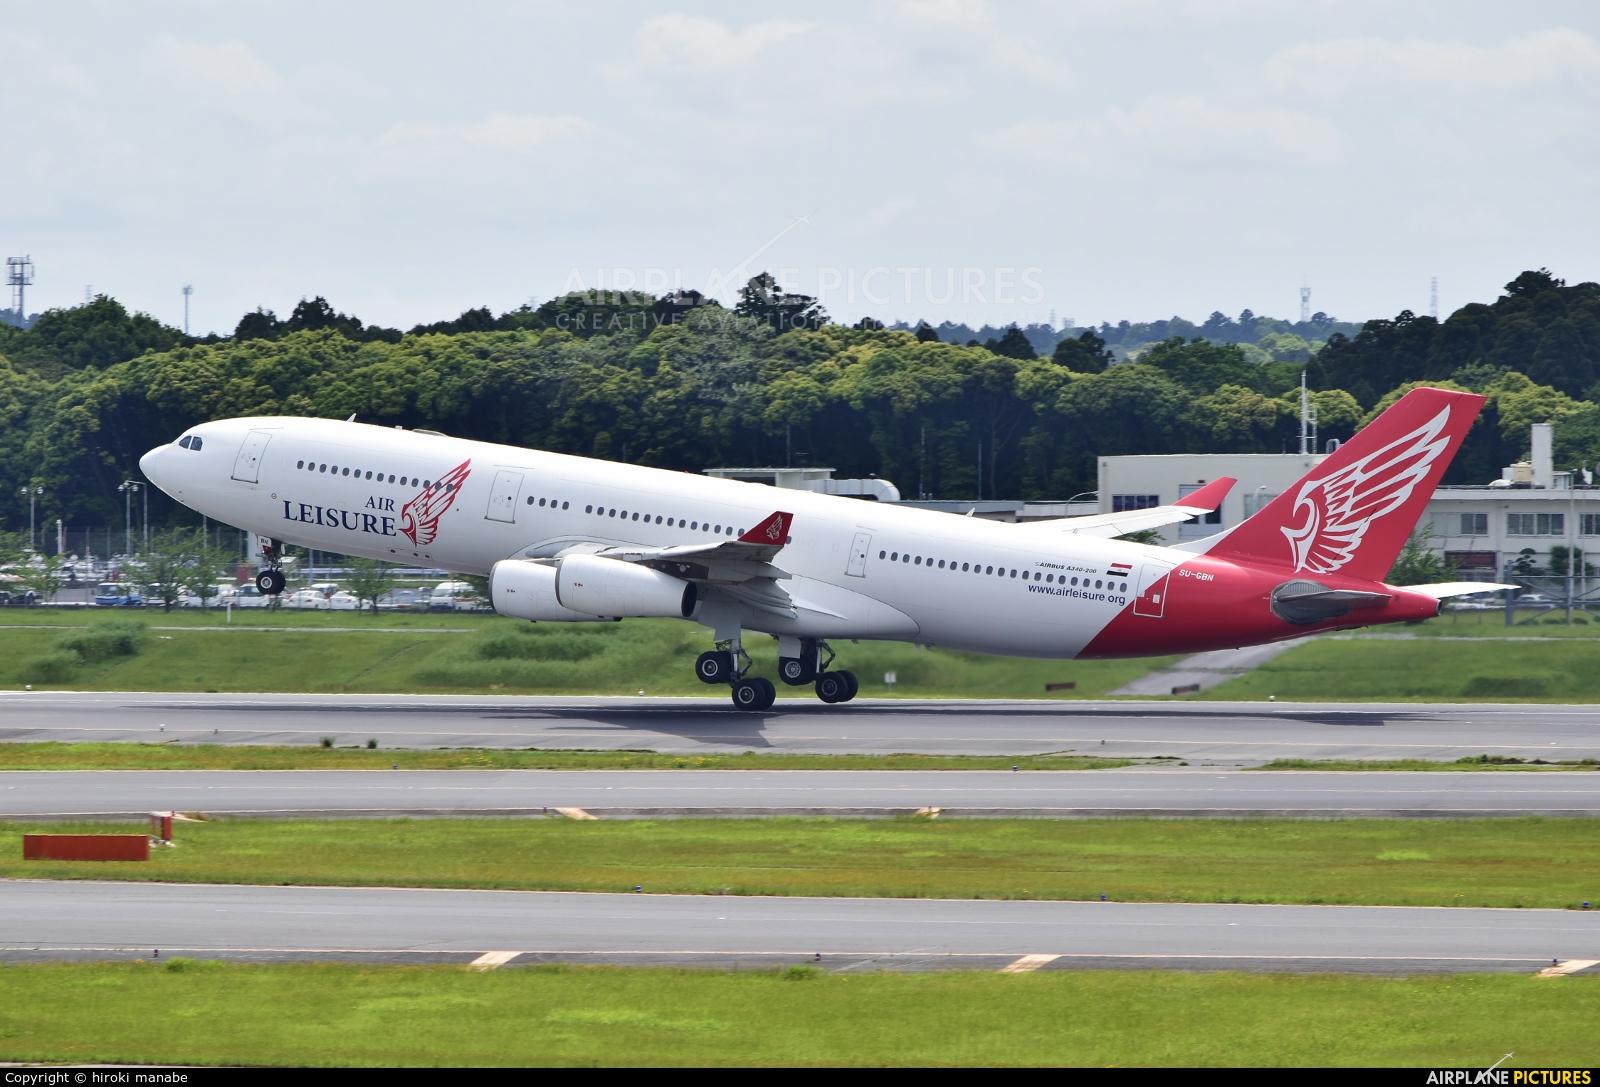 Air Leisure SU-GBN aircraft at Tokyo - Narita Intl